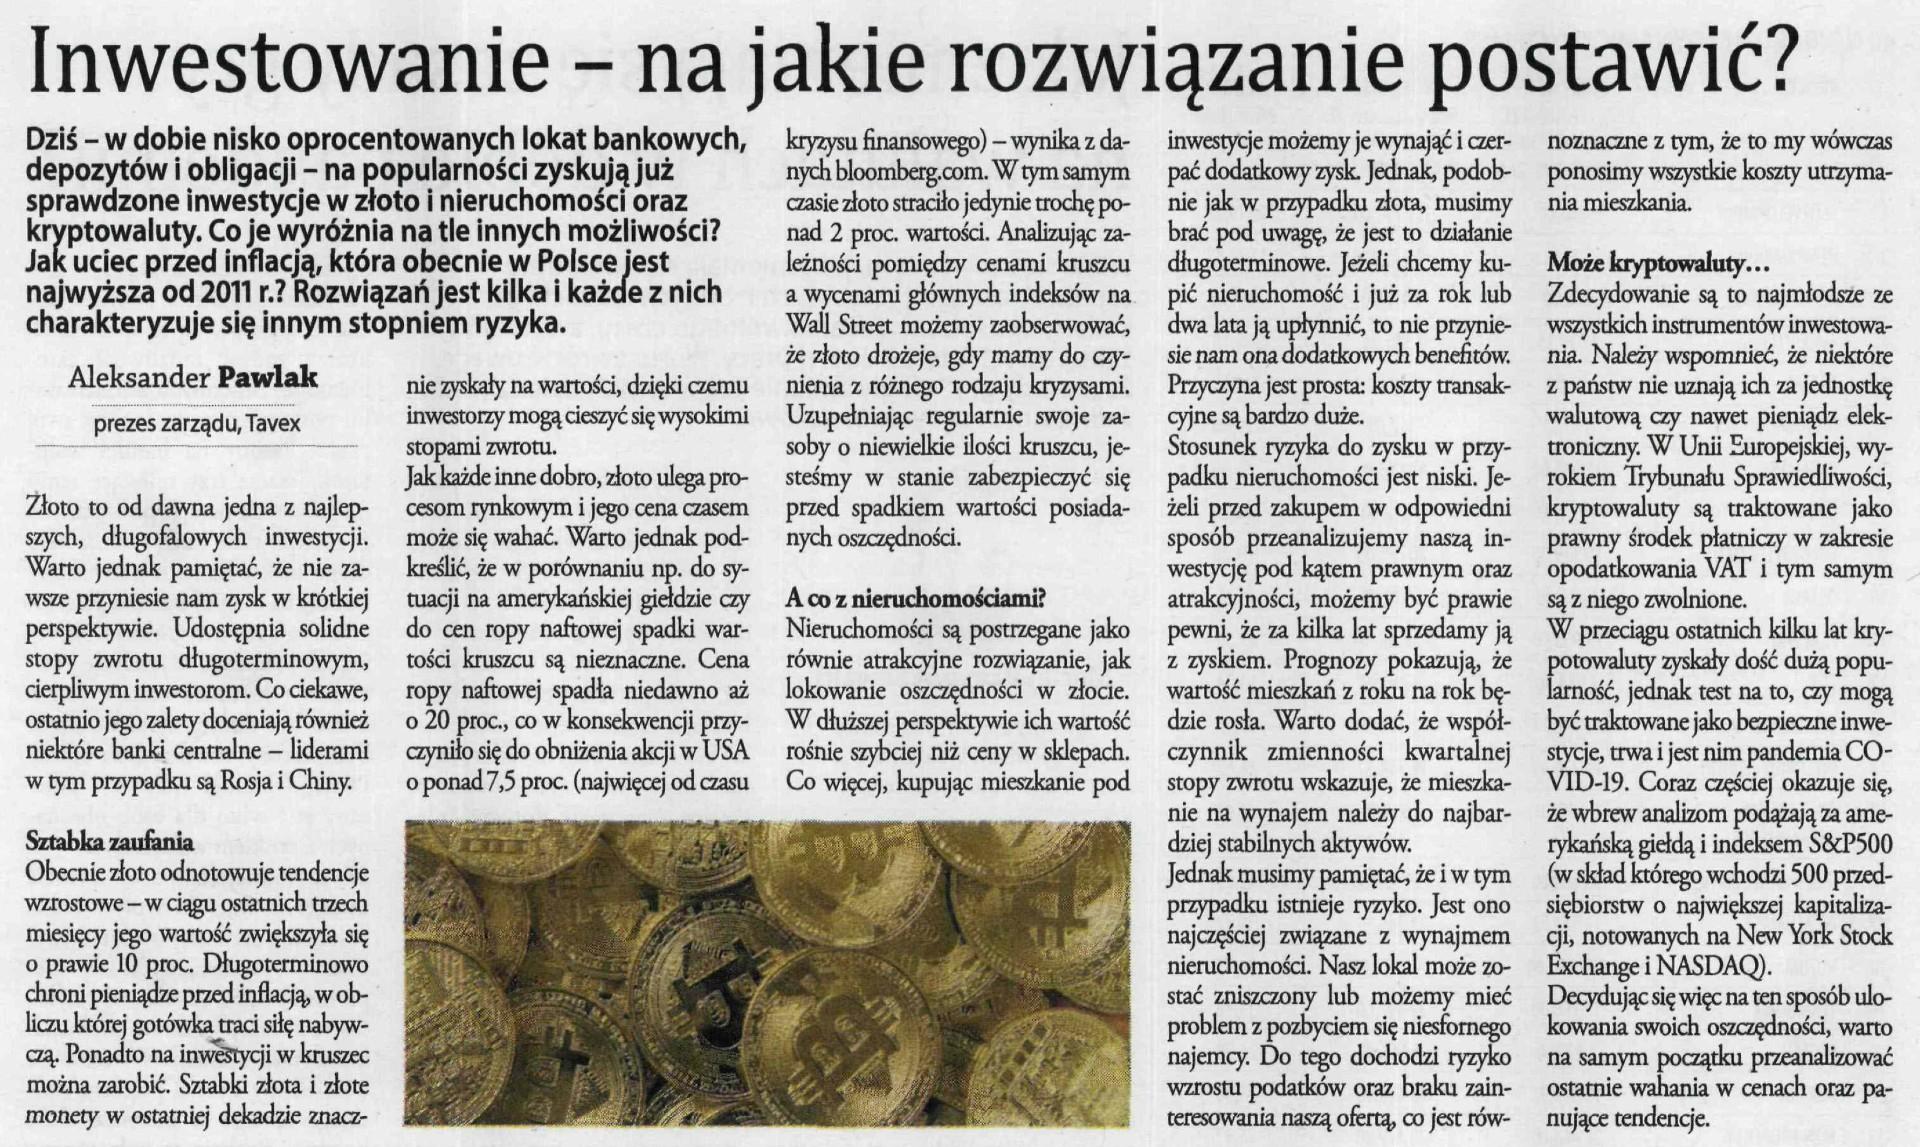 Aleksander Pawlak – Prezes Zarządu Tavex Sp. z o.o. – Gazeta Finansowa